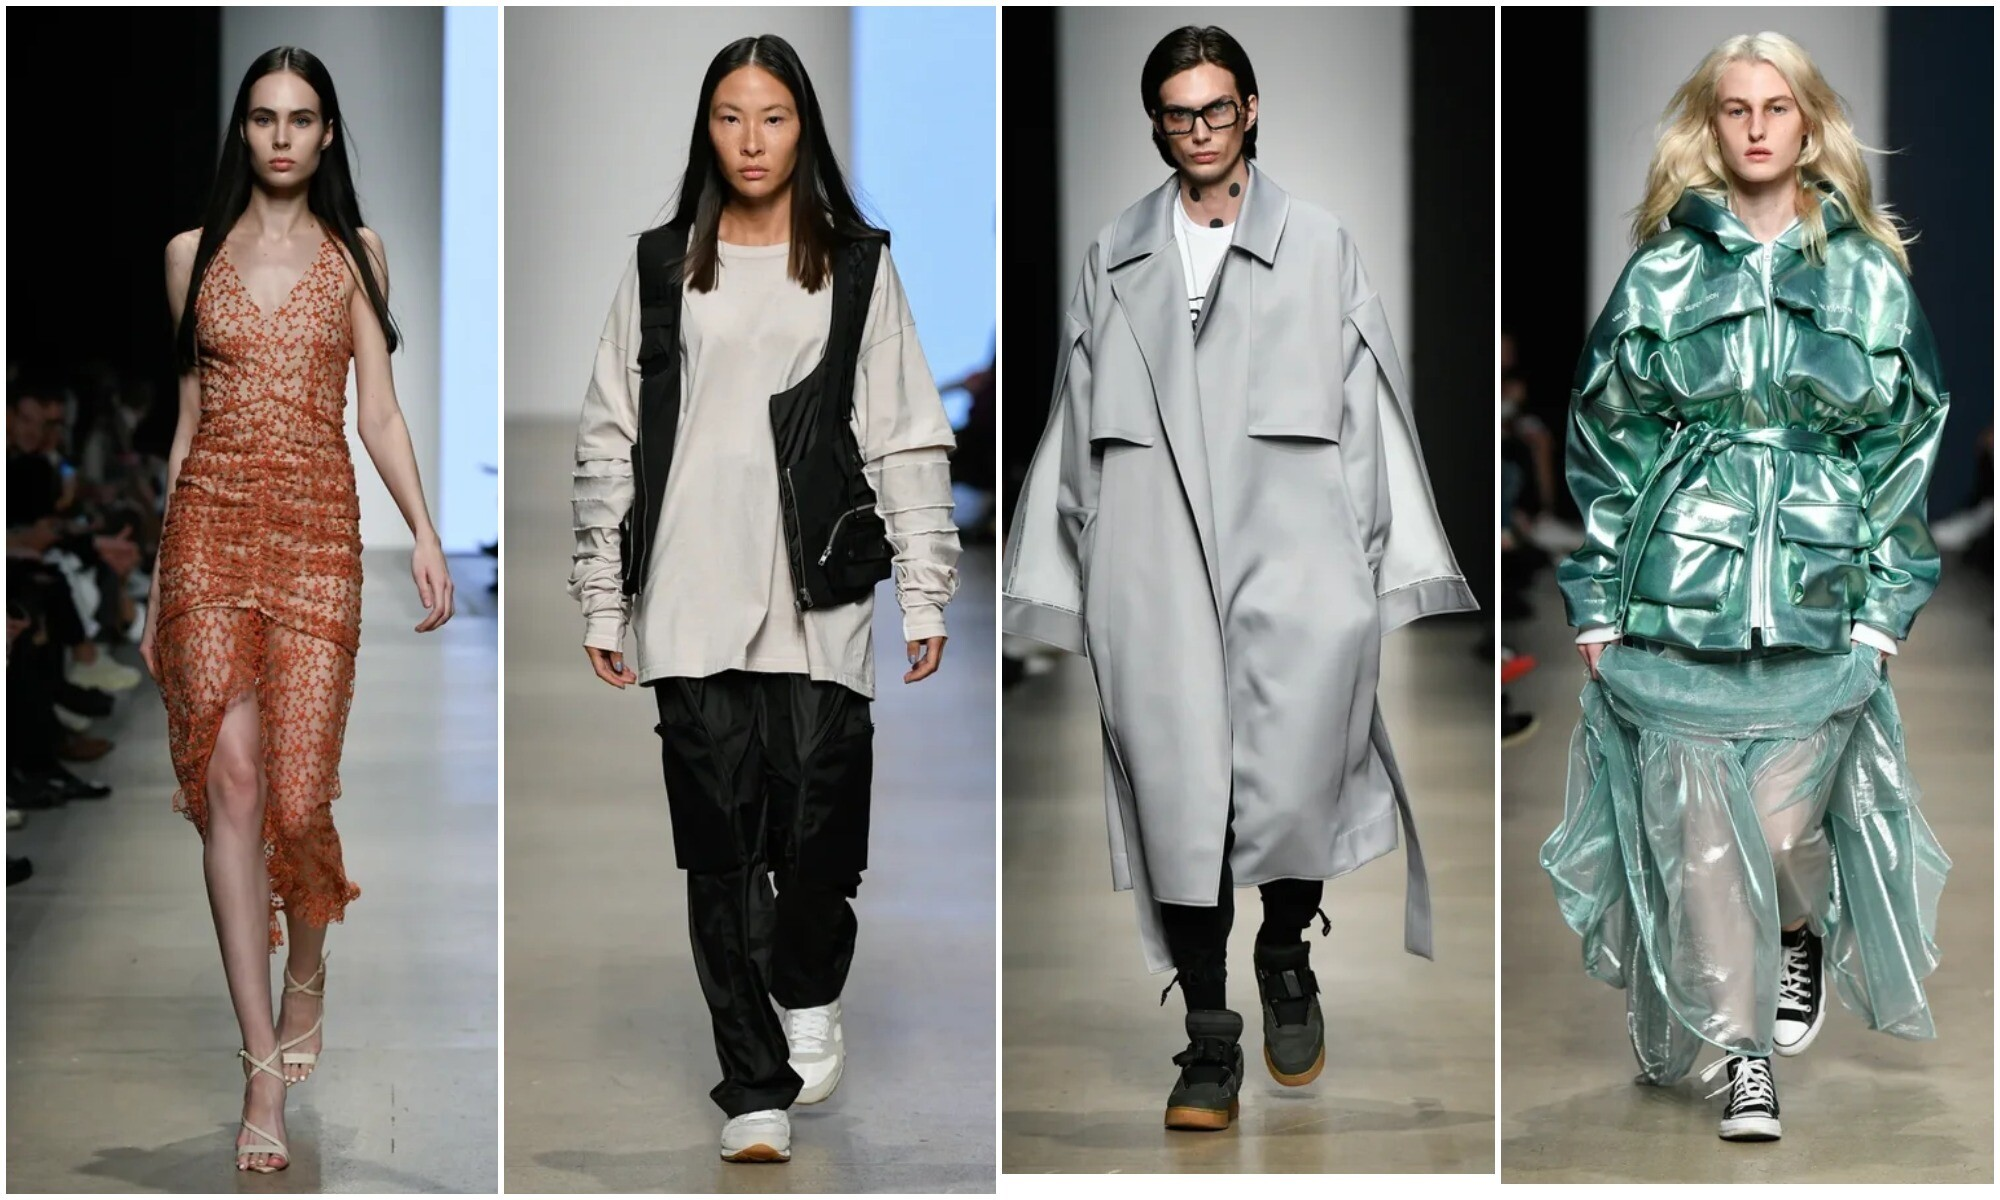 Агендерность, наряды для отпуска и зарубежные дизайнеры: как прошел третий день недели моды в «Манеже»